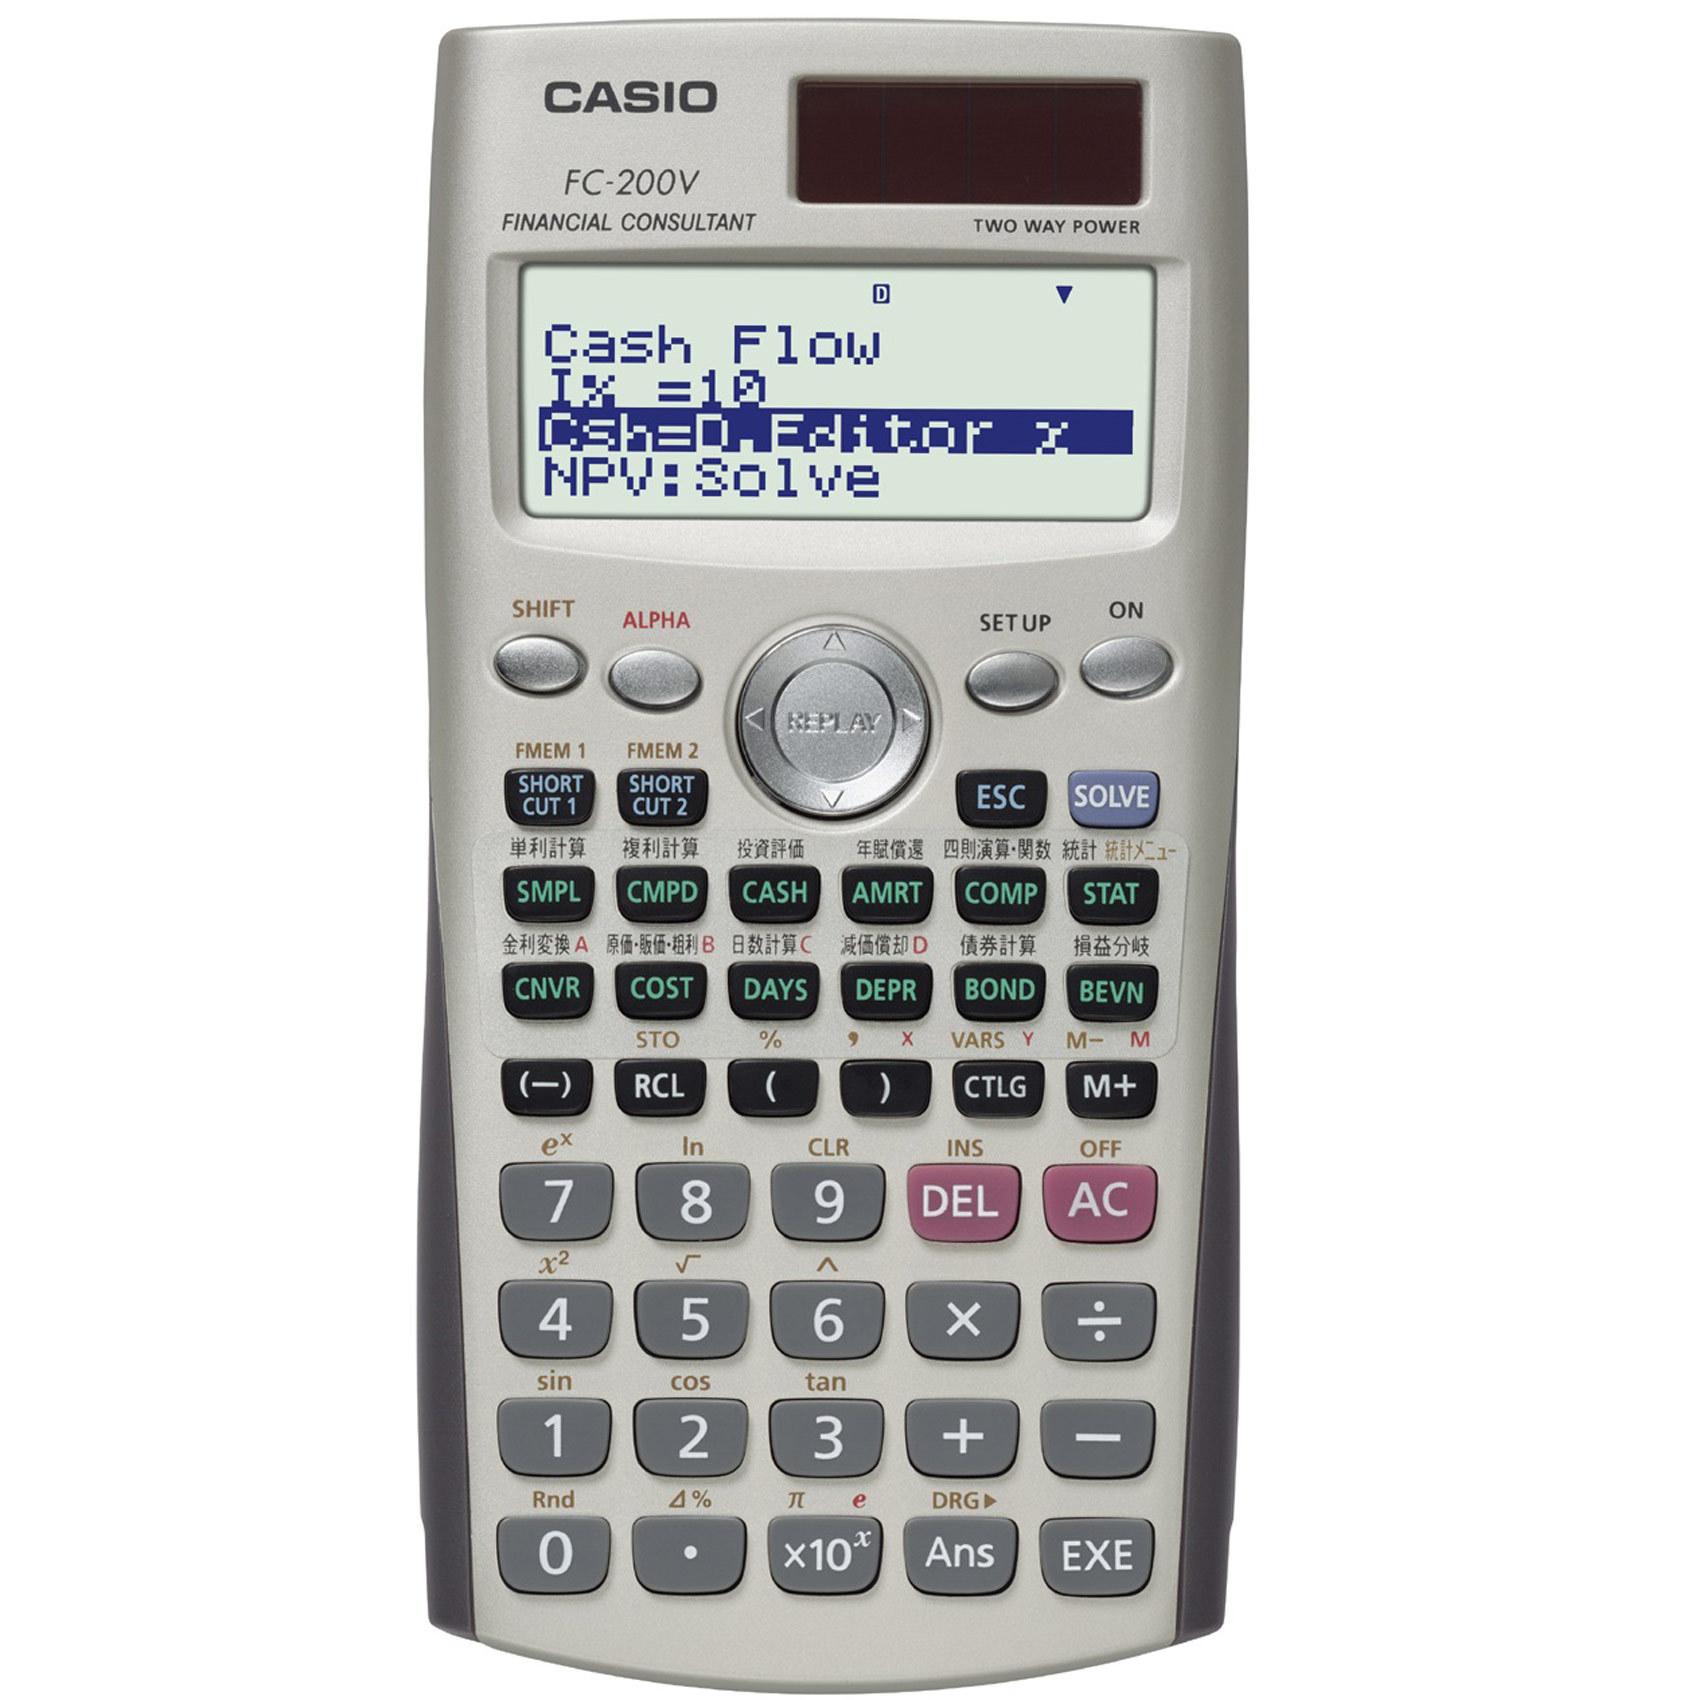 CASIO FC-200V FINANCIAL